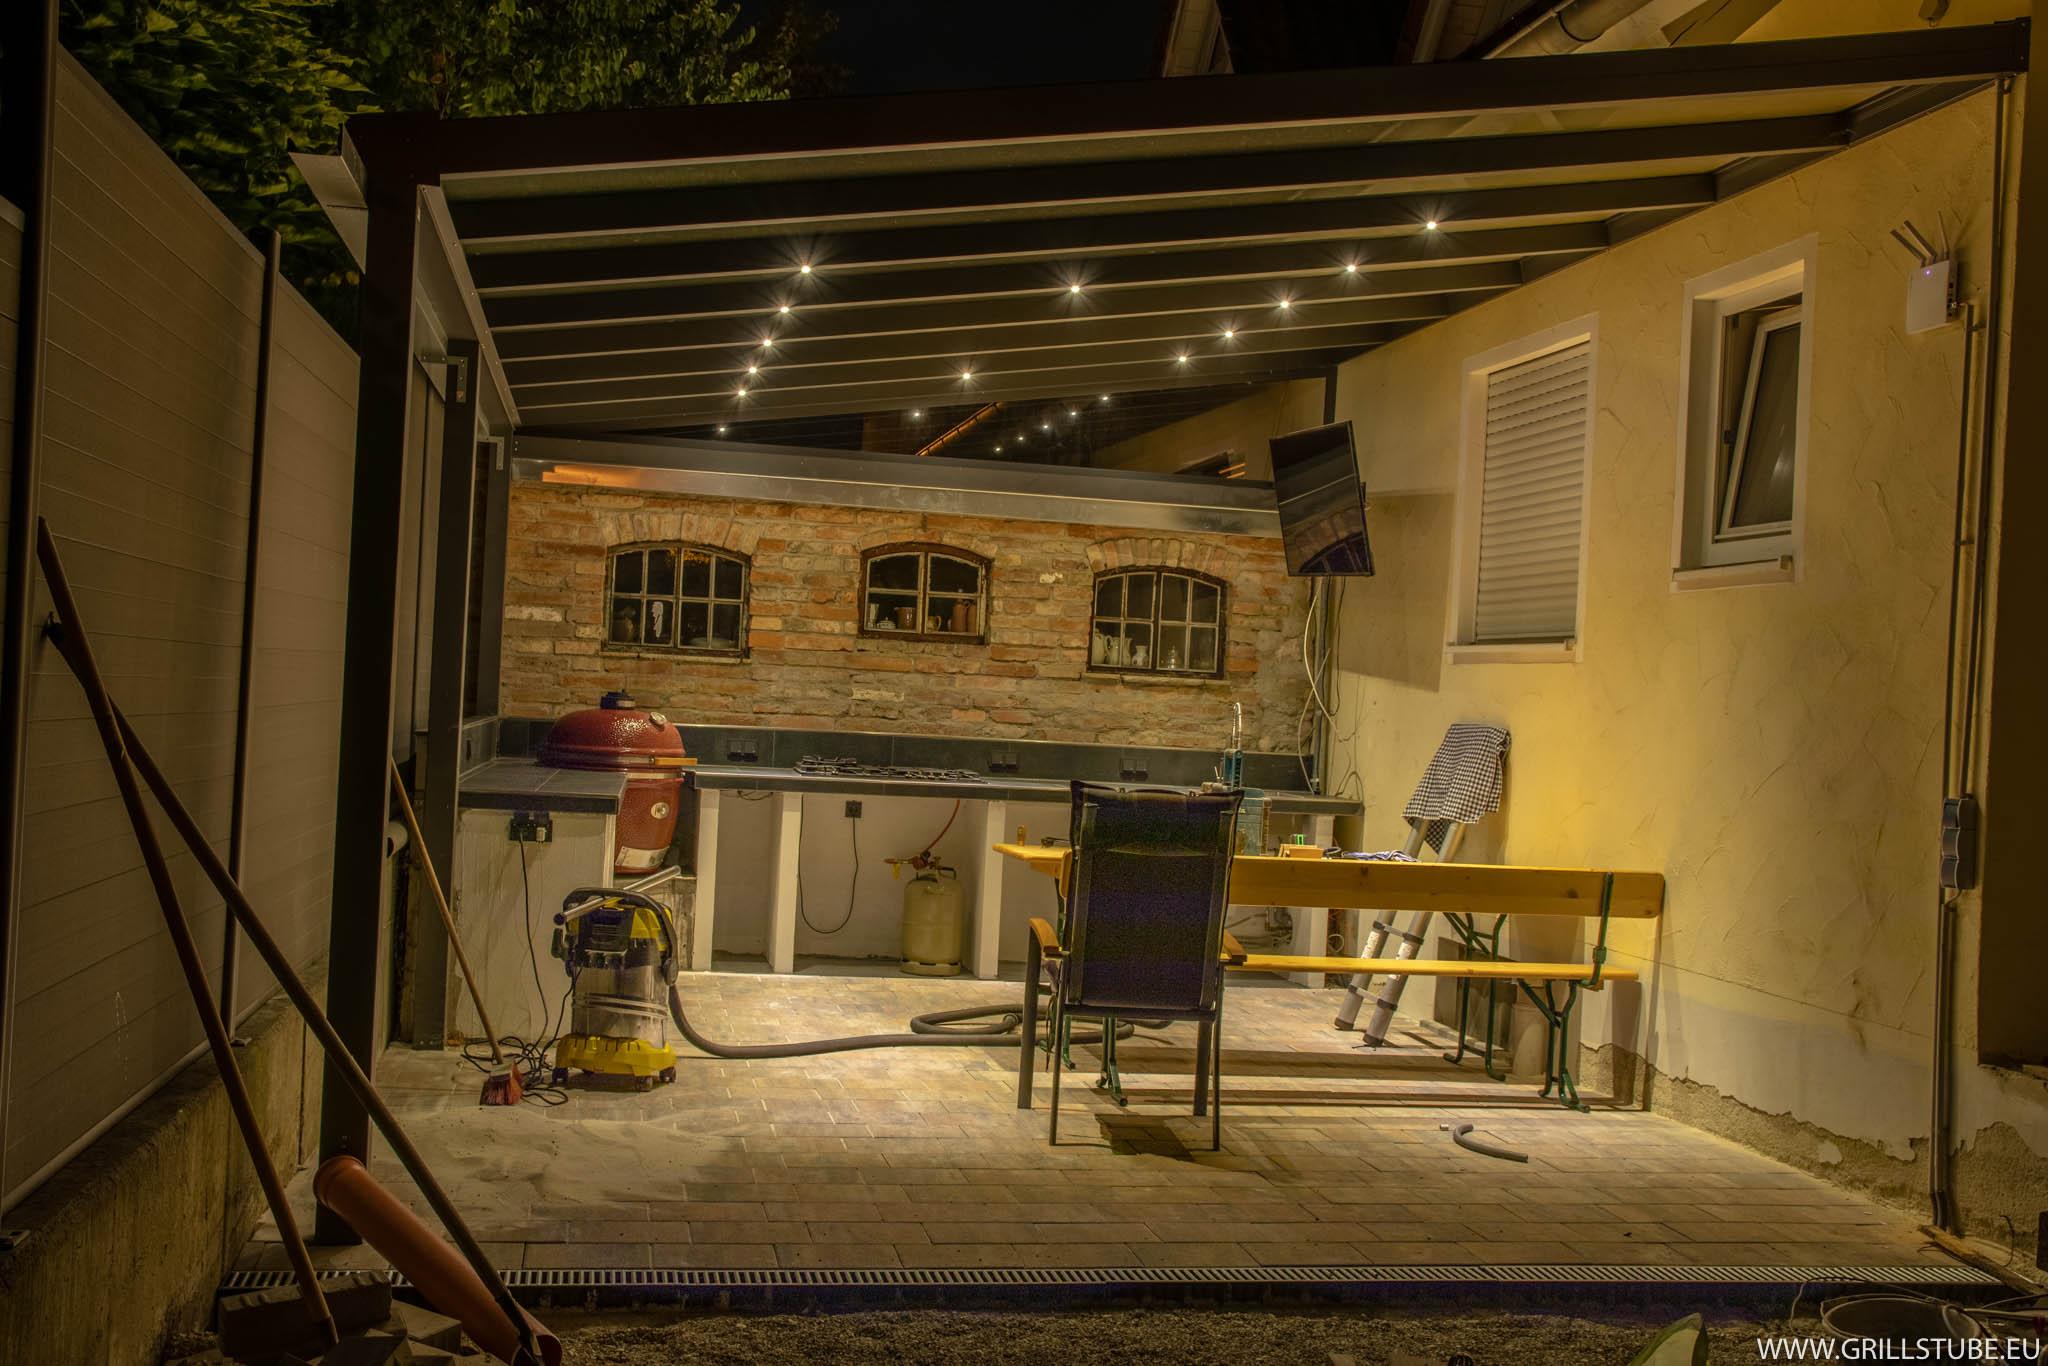 Outdoorküche Klein Verlegen : Outdoorküche klein verlegen: outdoorküche selbst.de. außenküche